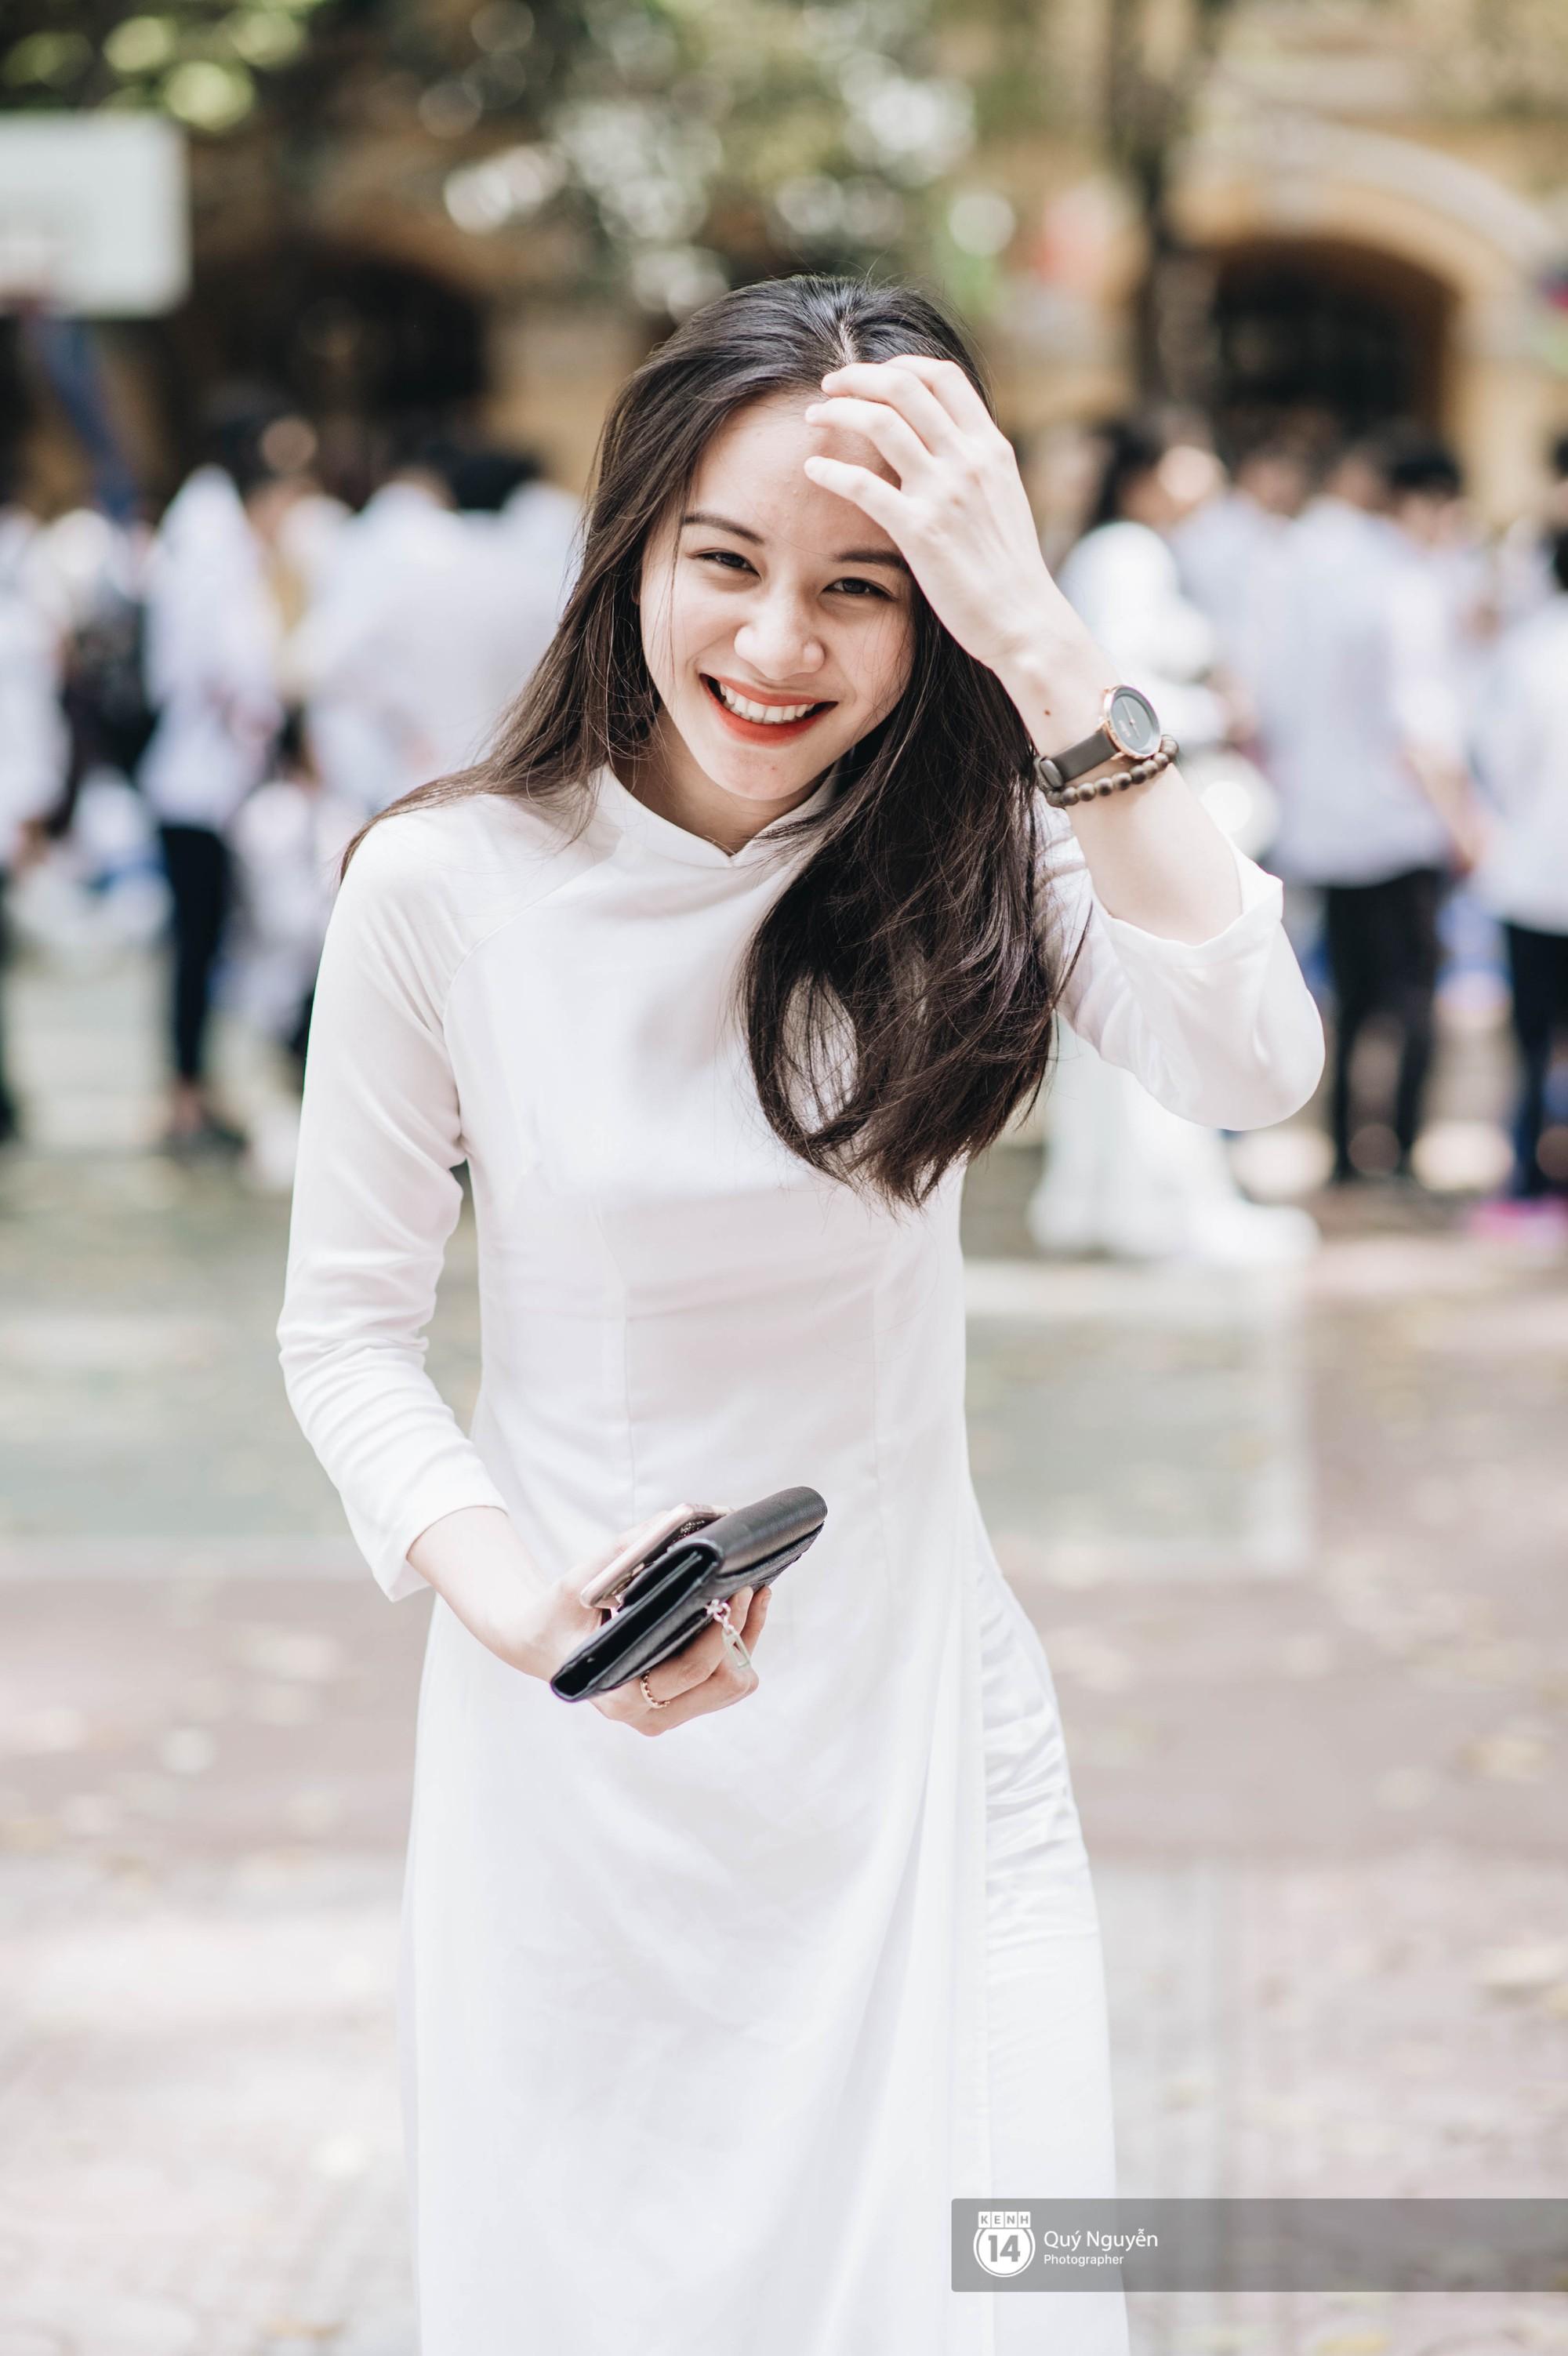 Đặc sản lễ bế giảng trường Phan Đình Phùng: Cả một trời trai xinh gái đẹp - Ảnh 1.